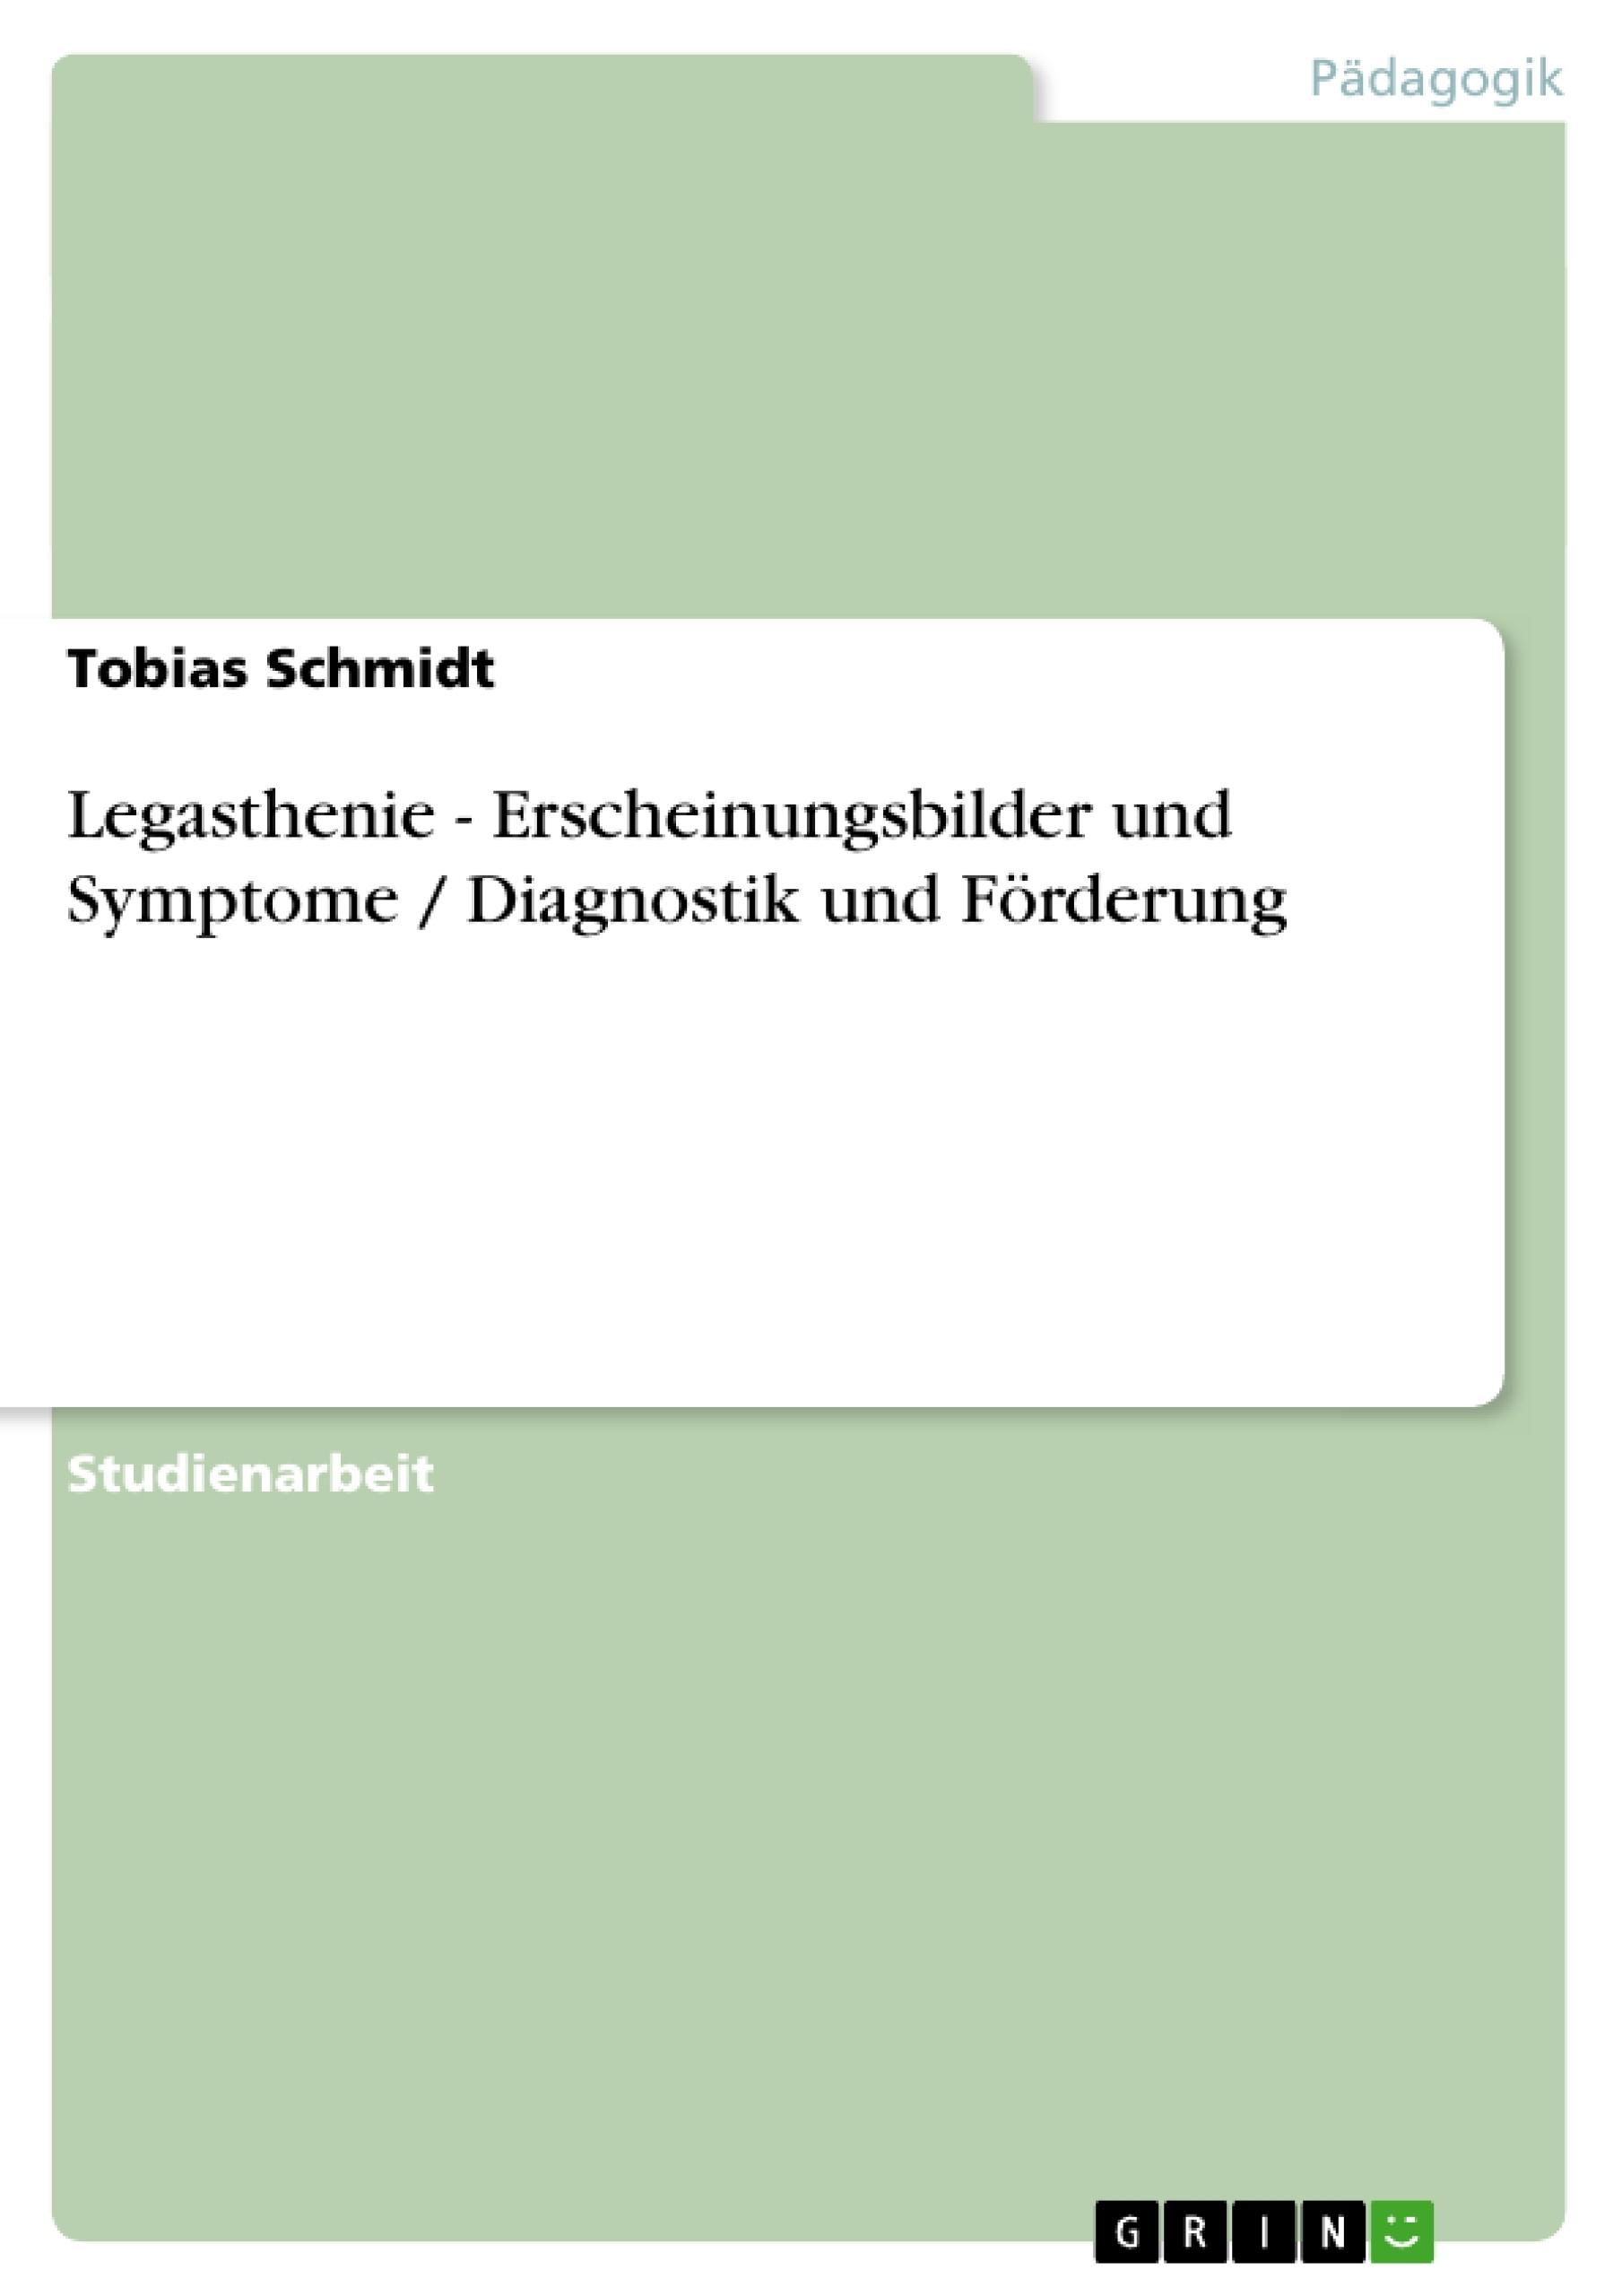 Titel: Legasthenie - Erscheinungsbilder und Symptome / Diagnostik und Förderung